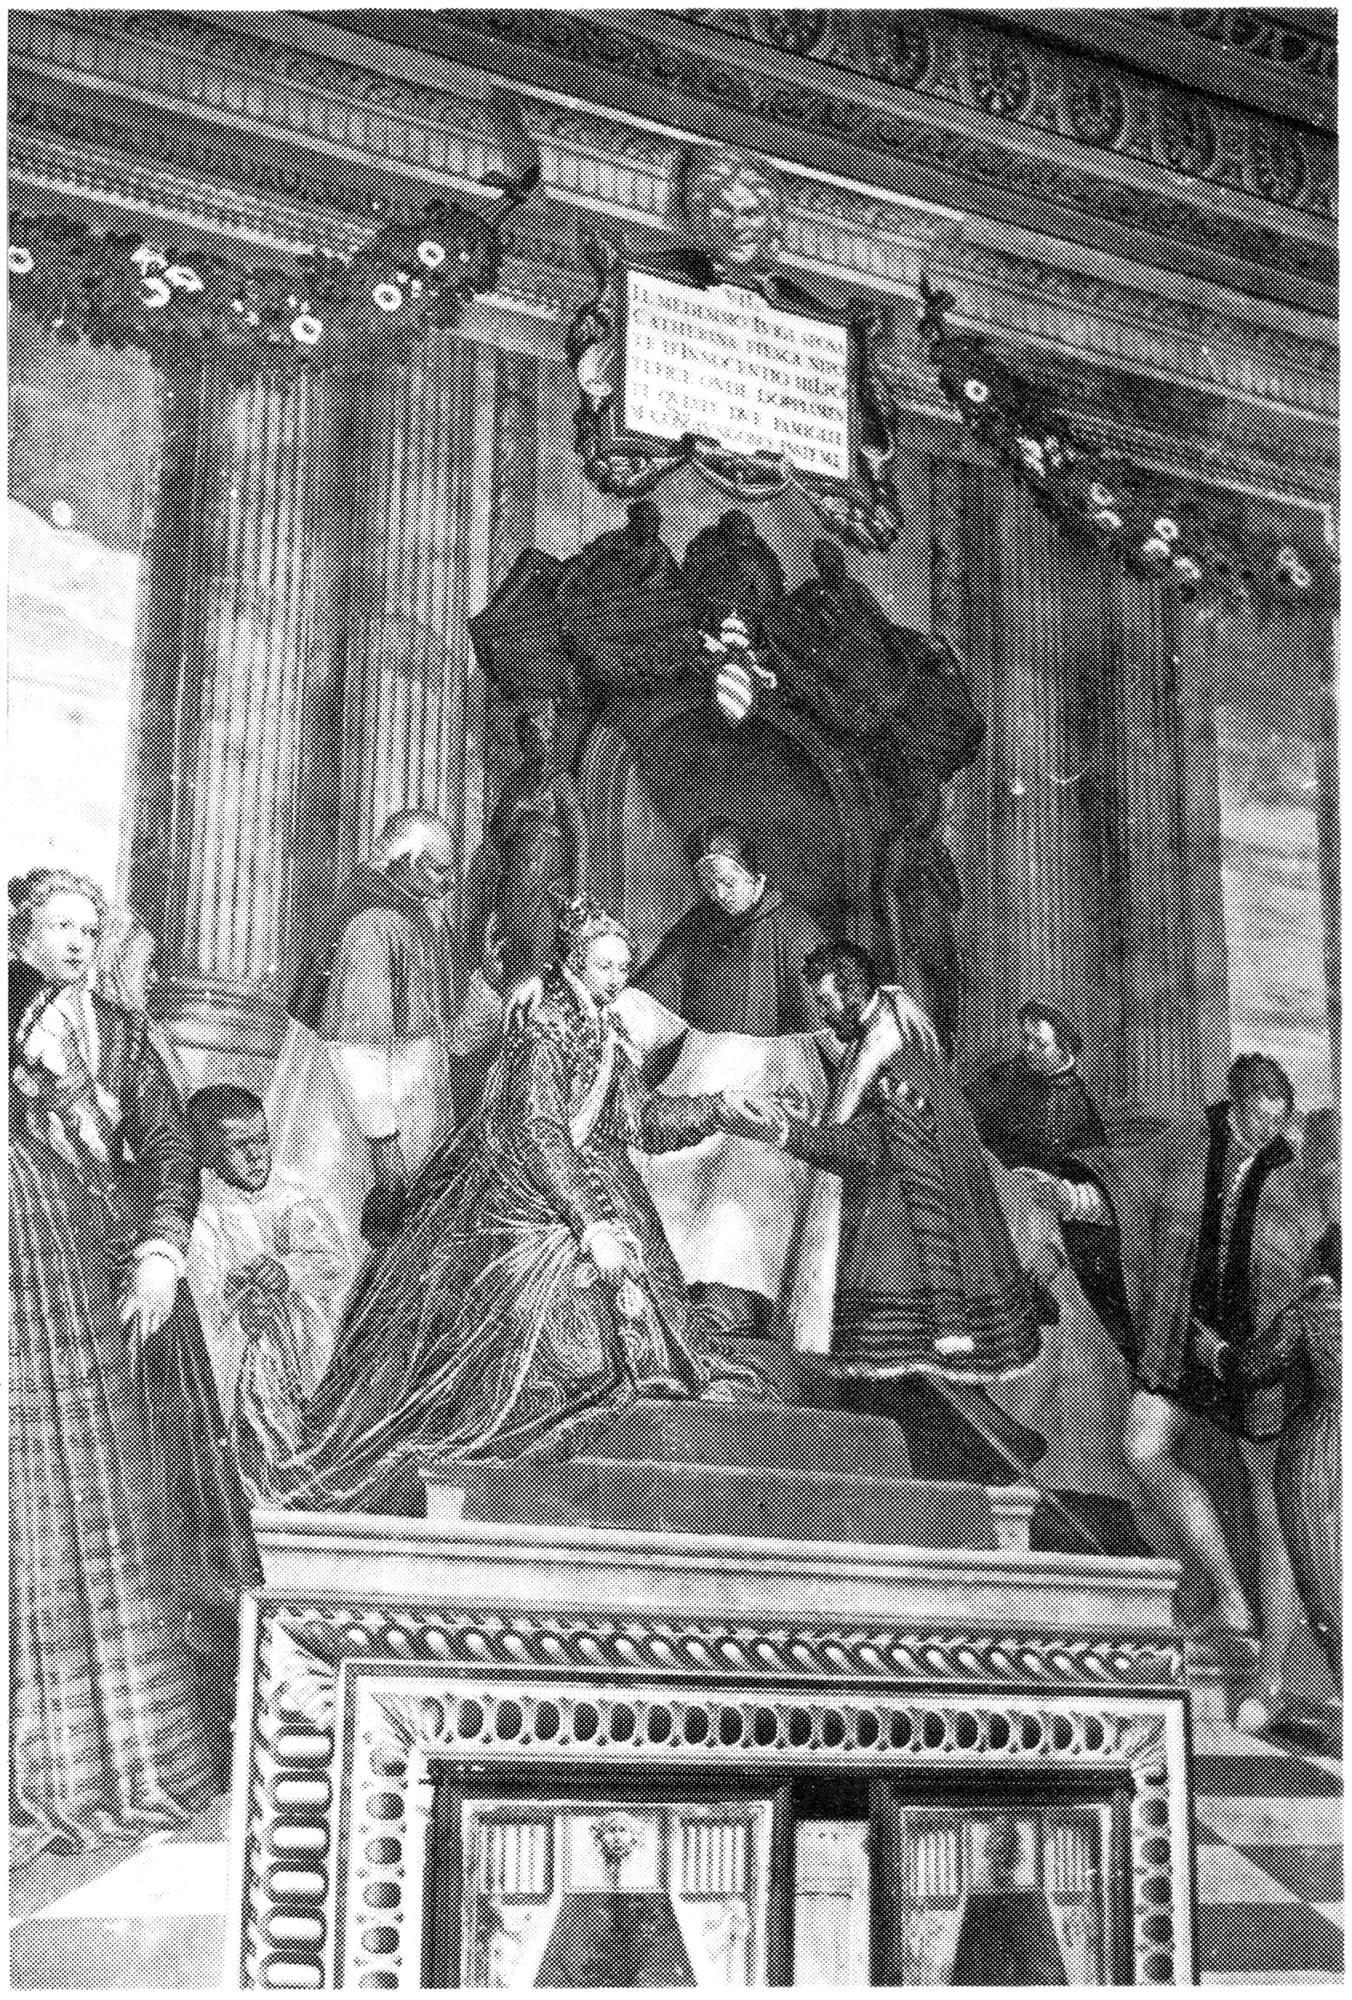 G.B. Zelotti, Papa Innocenzo IV benedice le nozze di Caterina Fieschi con Luigi degli Obizzi. Affresco, seconda metà del XVI sec. Battaglia Terme, castello del Cataio.